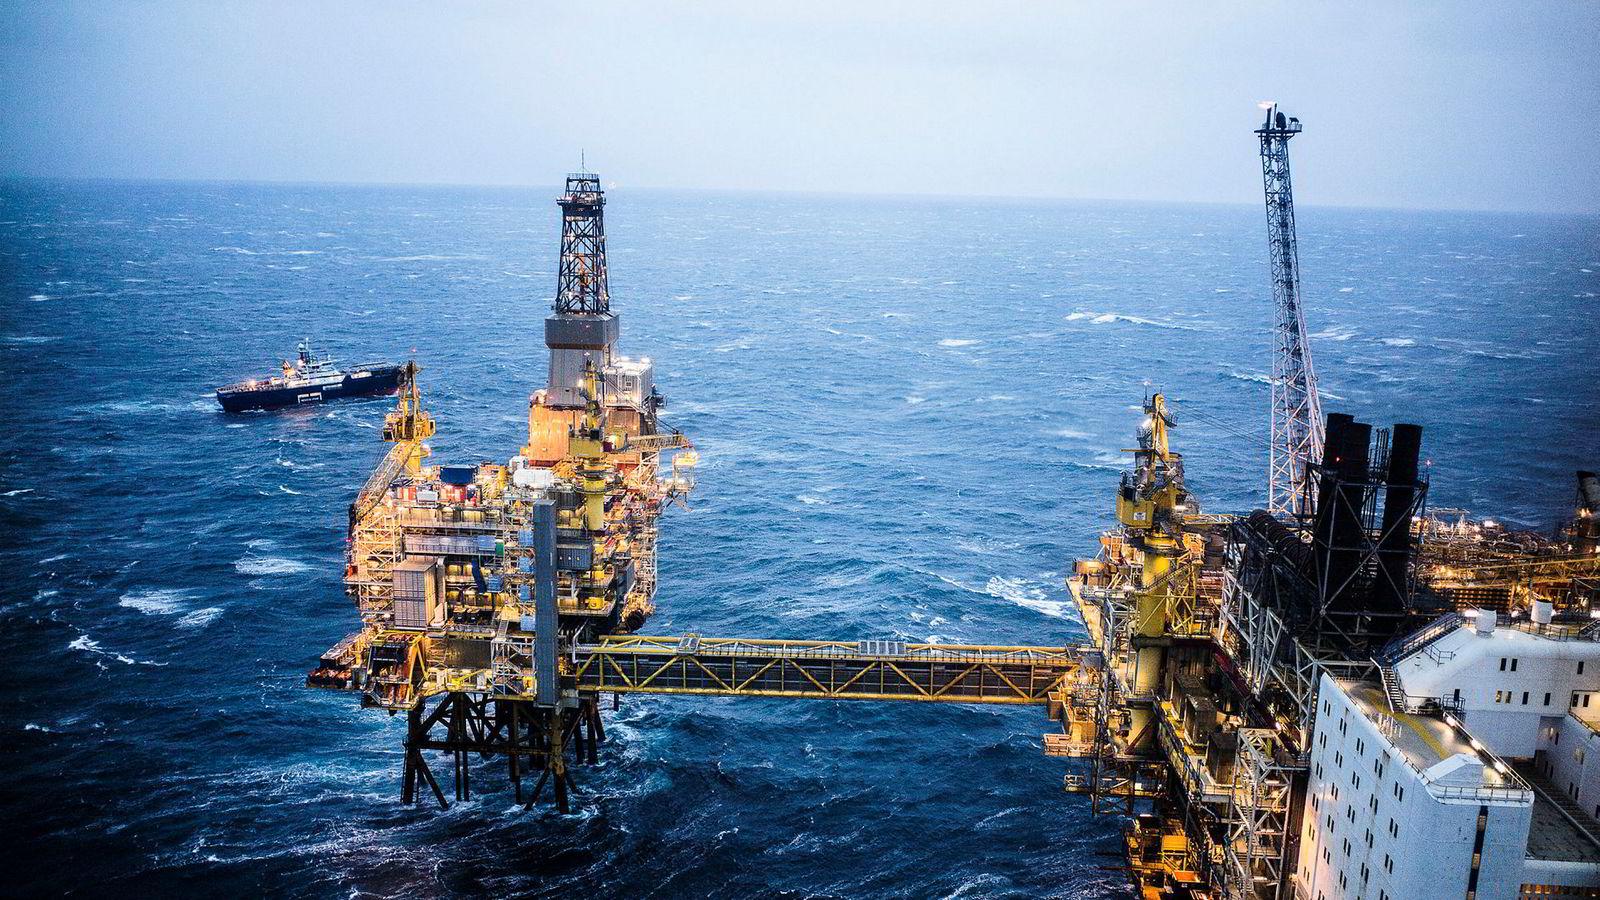 Selv om Equinor scorer best av de norske selskapene, trekker resten av verdikjeden i olje og gass scoren ned. Dårlig rapportering her passer også dårlig med et image om norsk olje og gass som en dynamisk og omstillingsrettet bransje, ledende på miljøvennlig produksjon, skriver artikkelforfatterne.